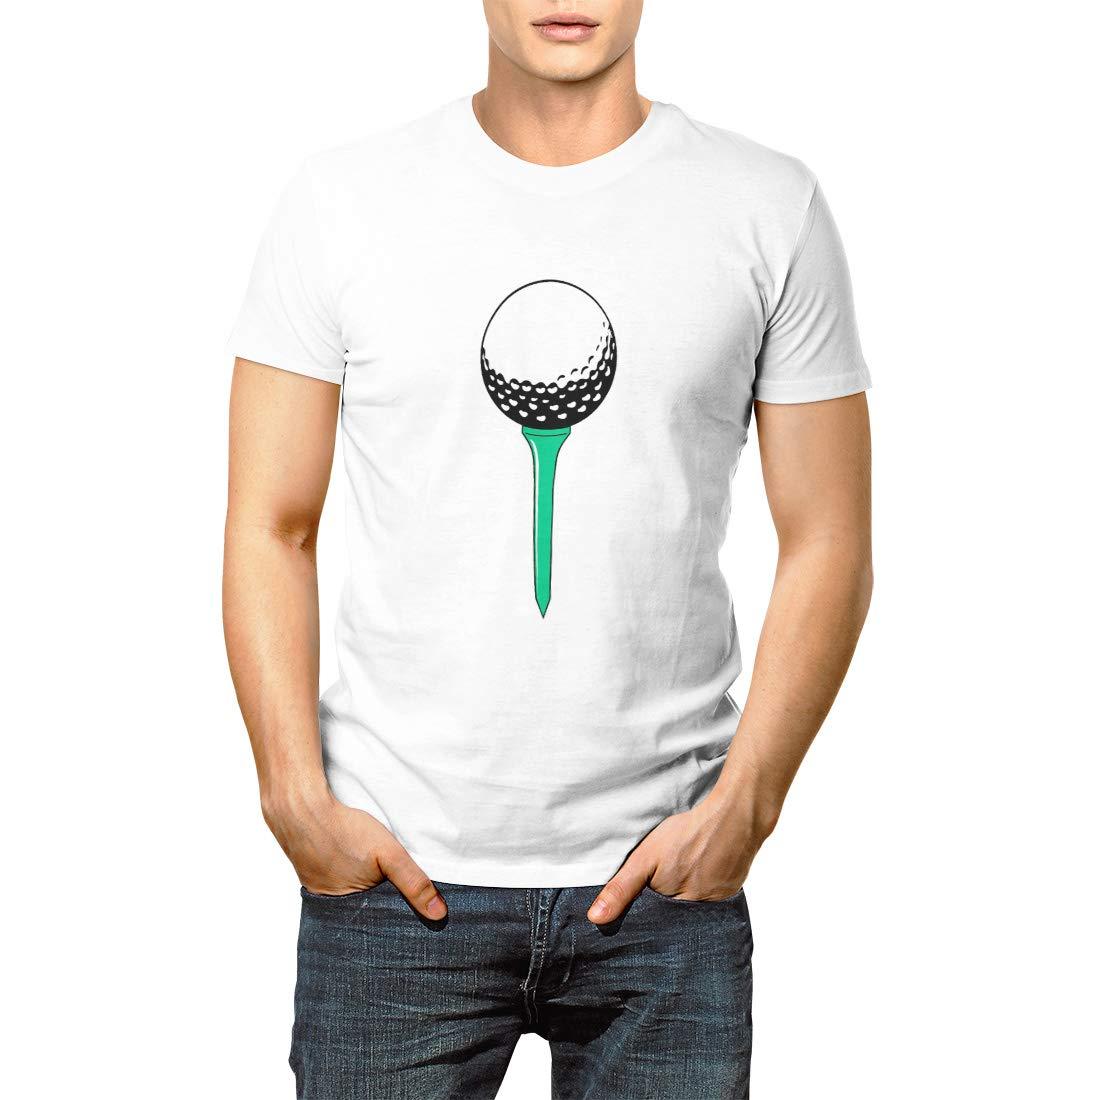 Sport Golf Ball Golfing Golfer Wholesale Short Sleeve T Shirt 3396